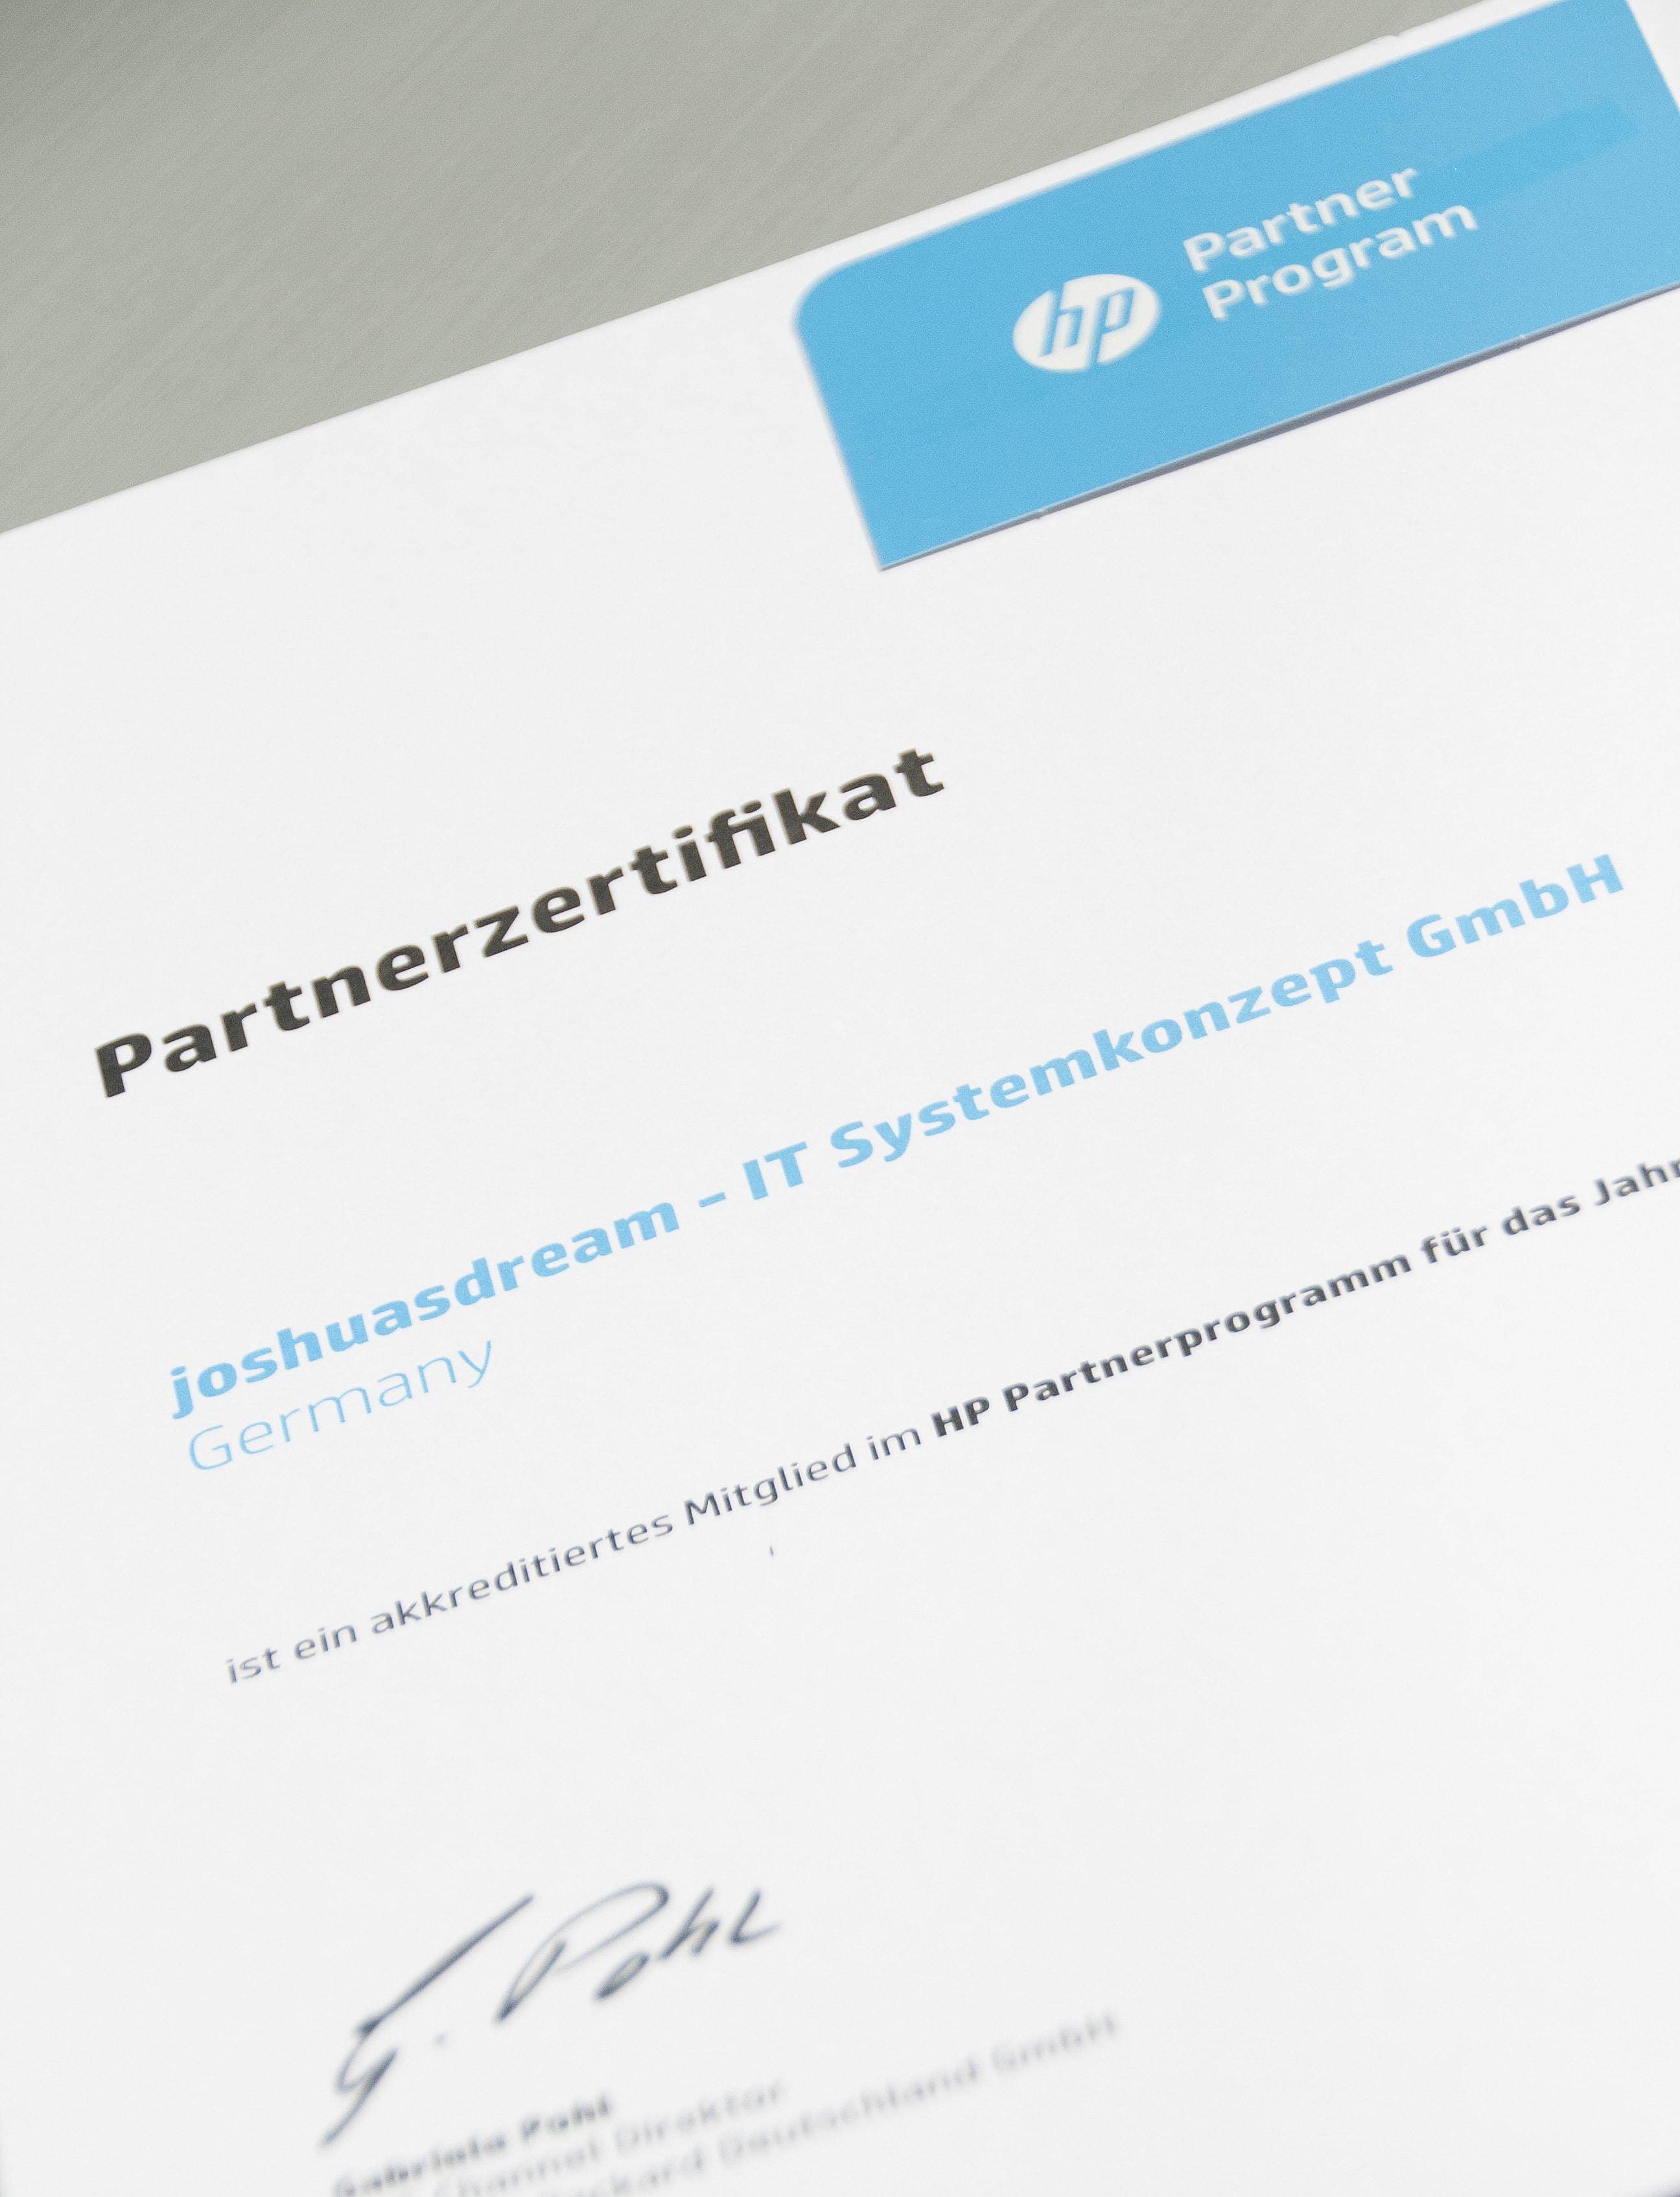 joshuasdream ist Mitglied des HP Partnerprogrammes